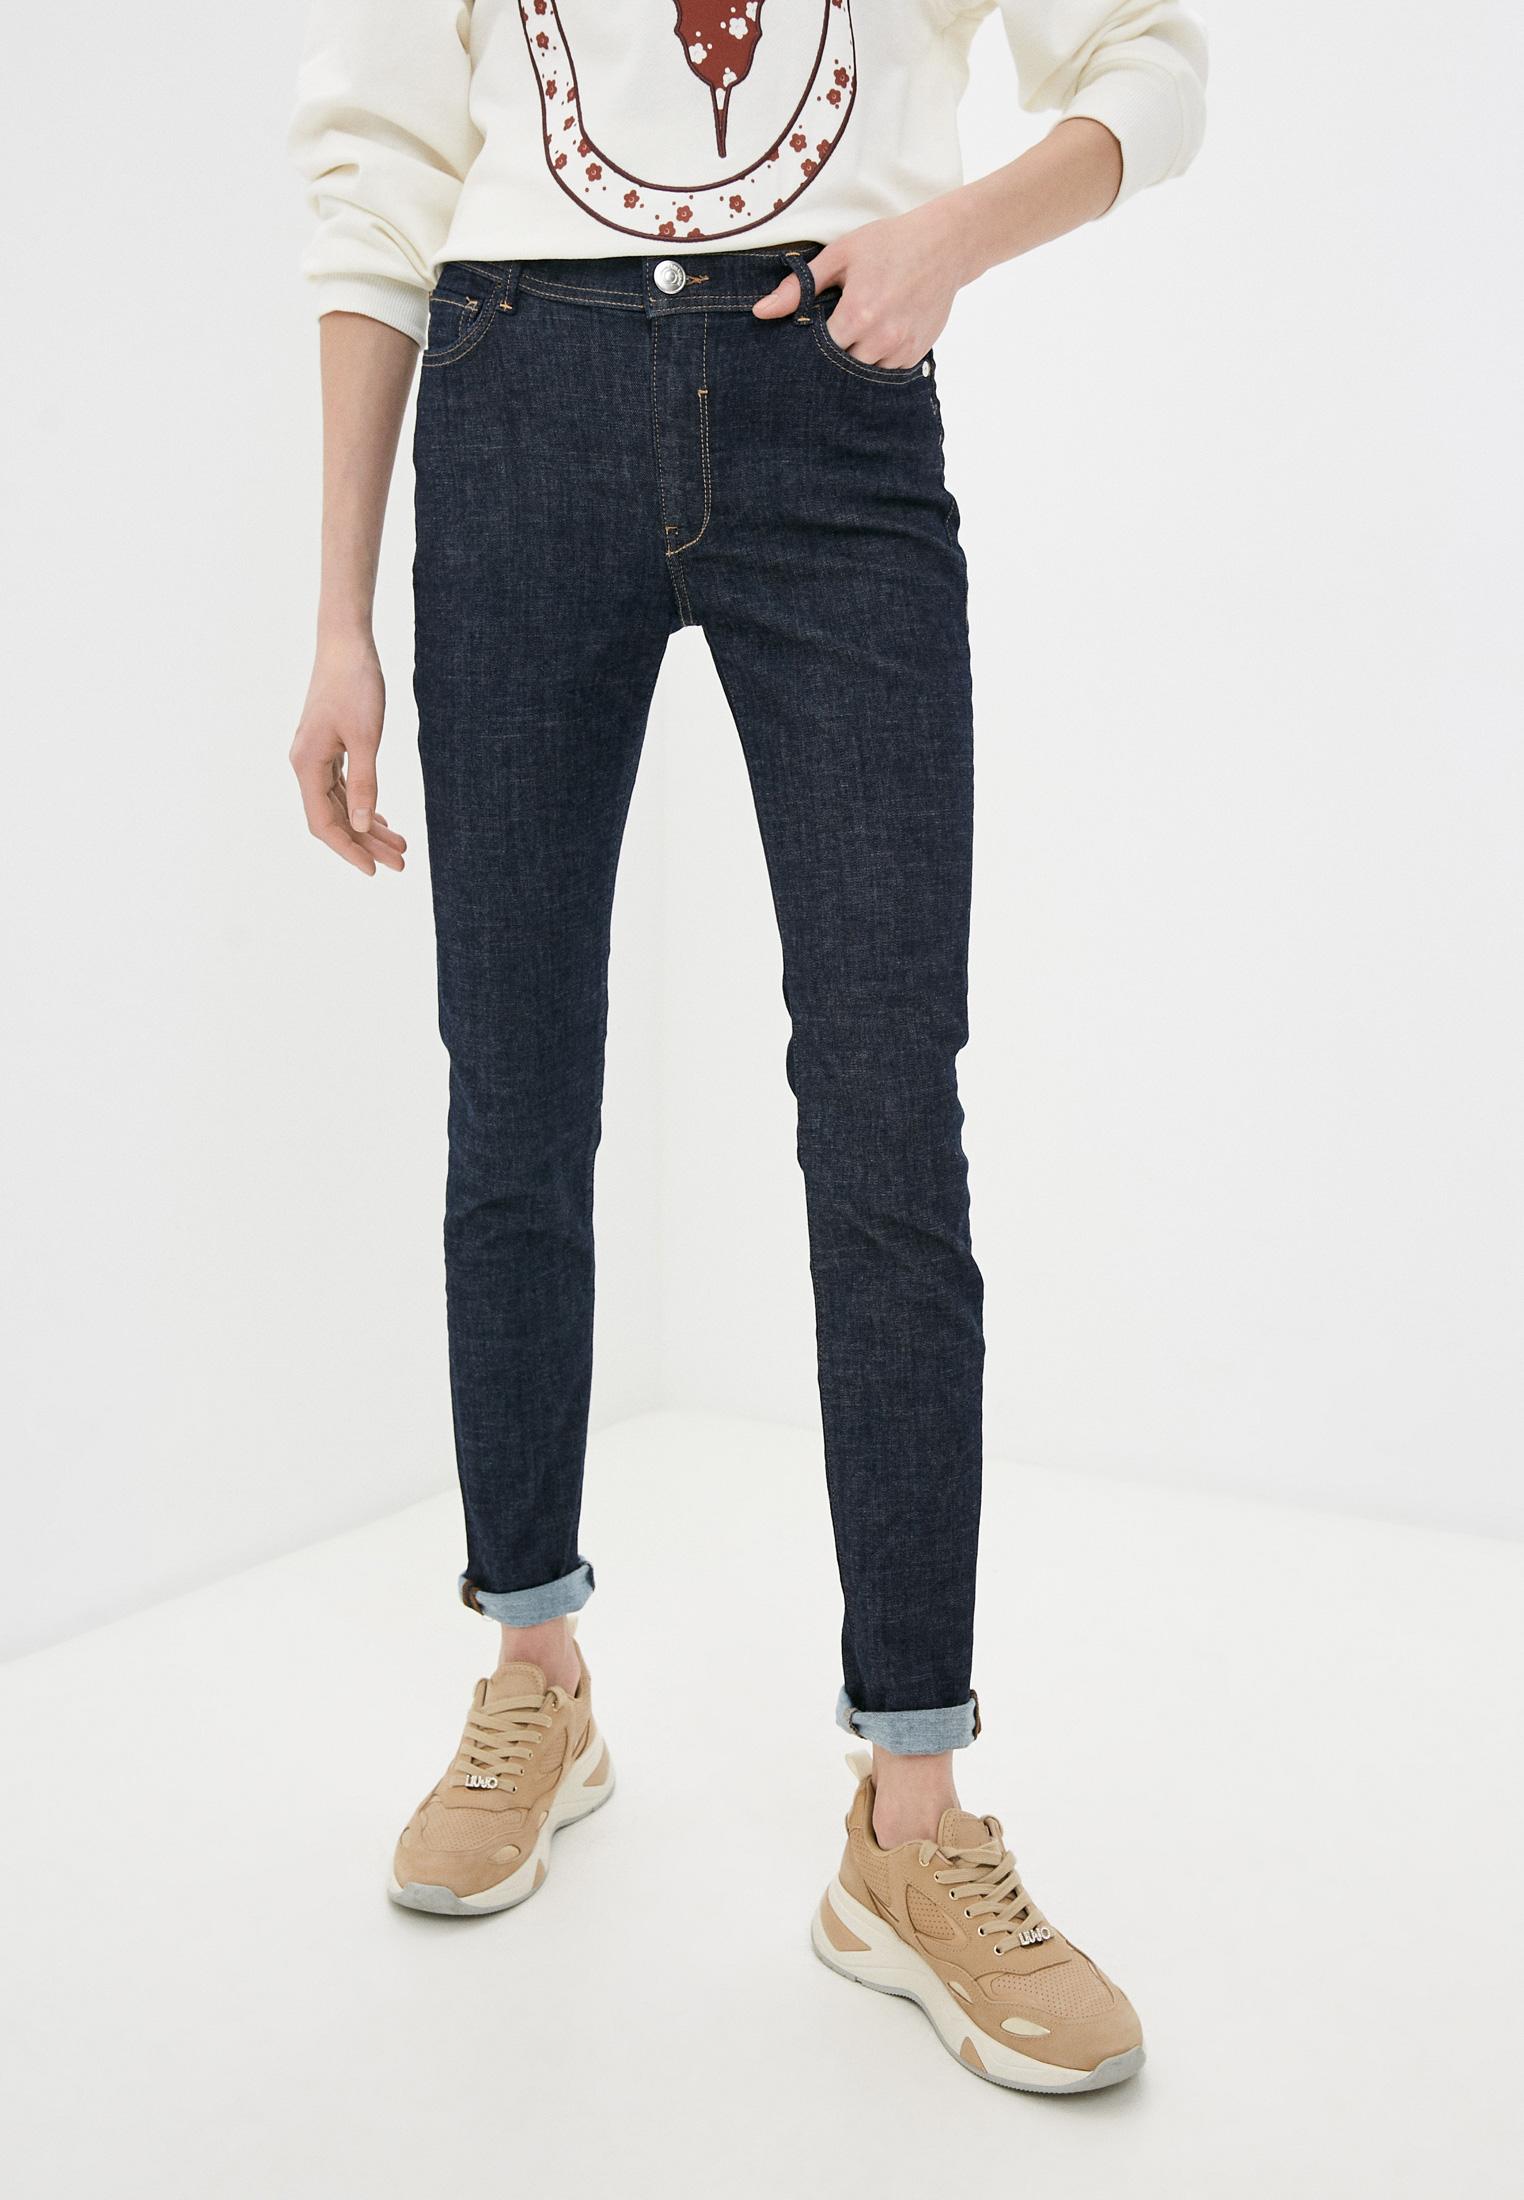 Зауженные джинсы Trussardi (Труссарди) 56J00005-1T002365-A-002